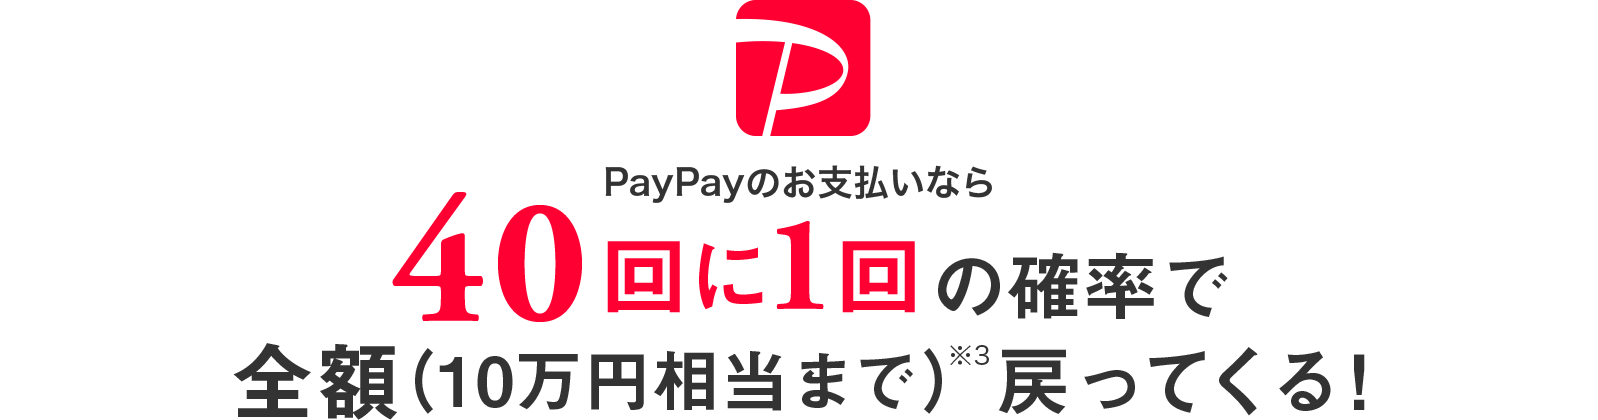 PayPayのお支払いなら40回に1回の確率で全額(10万円相当まで)※3戻ってくる!